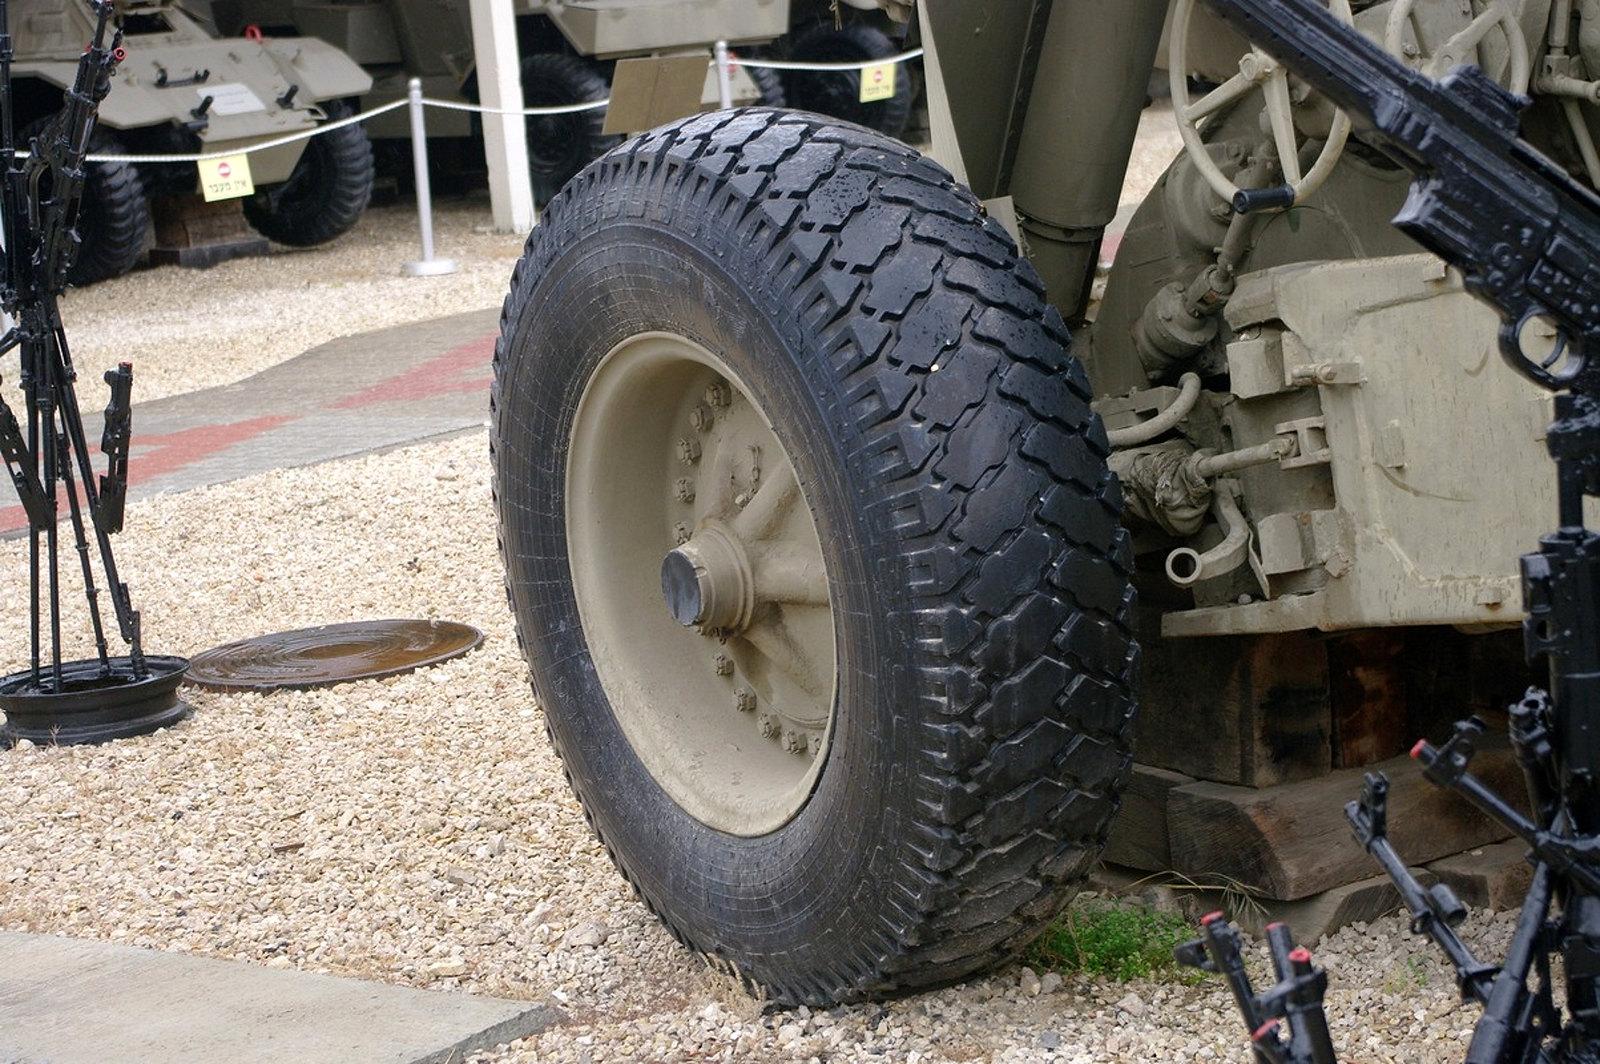 130mm M46 Field Gun (8)